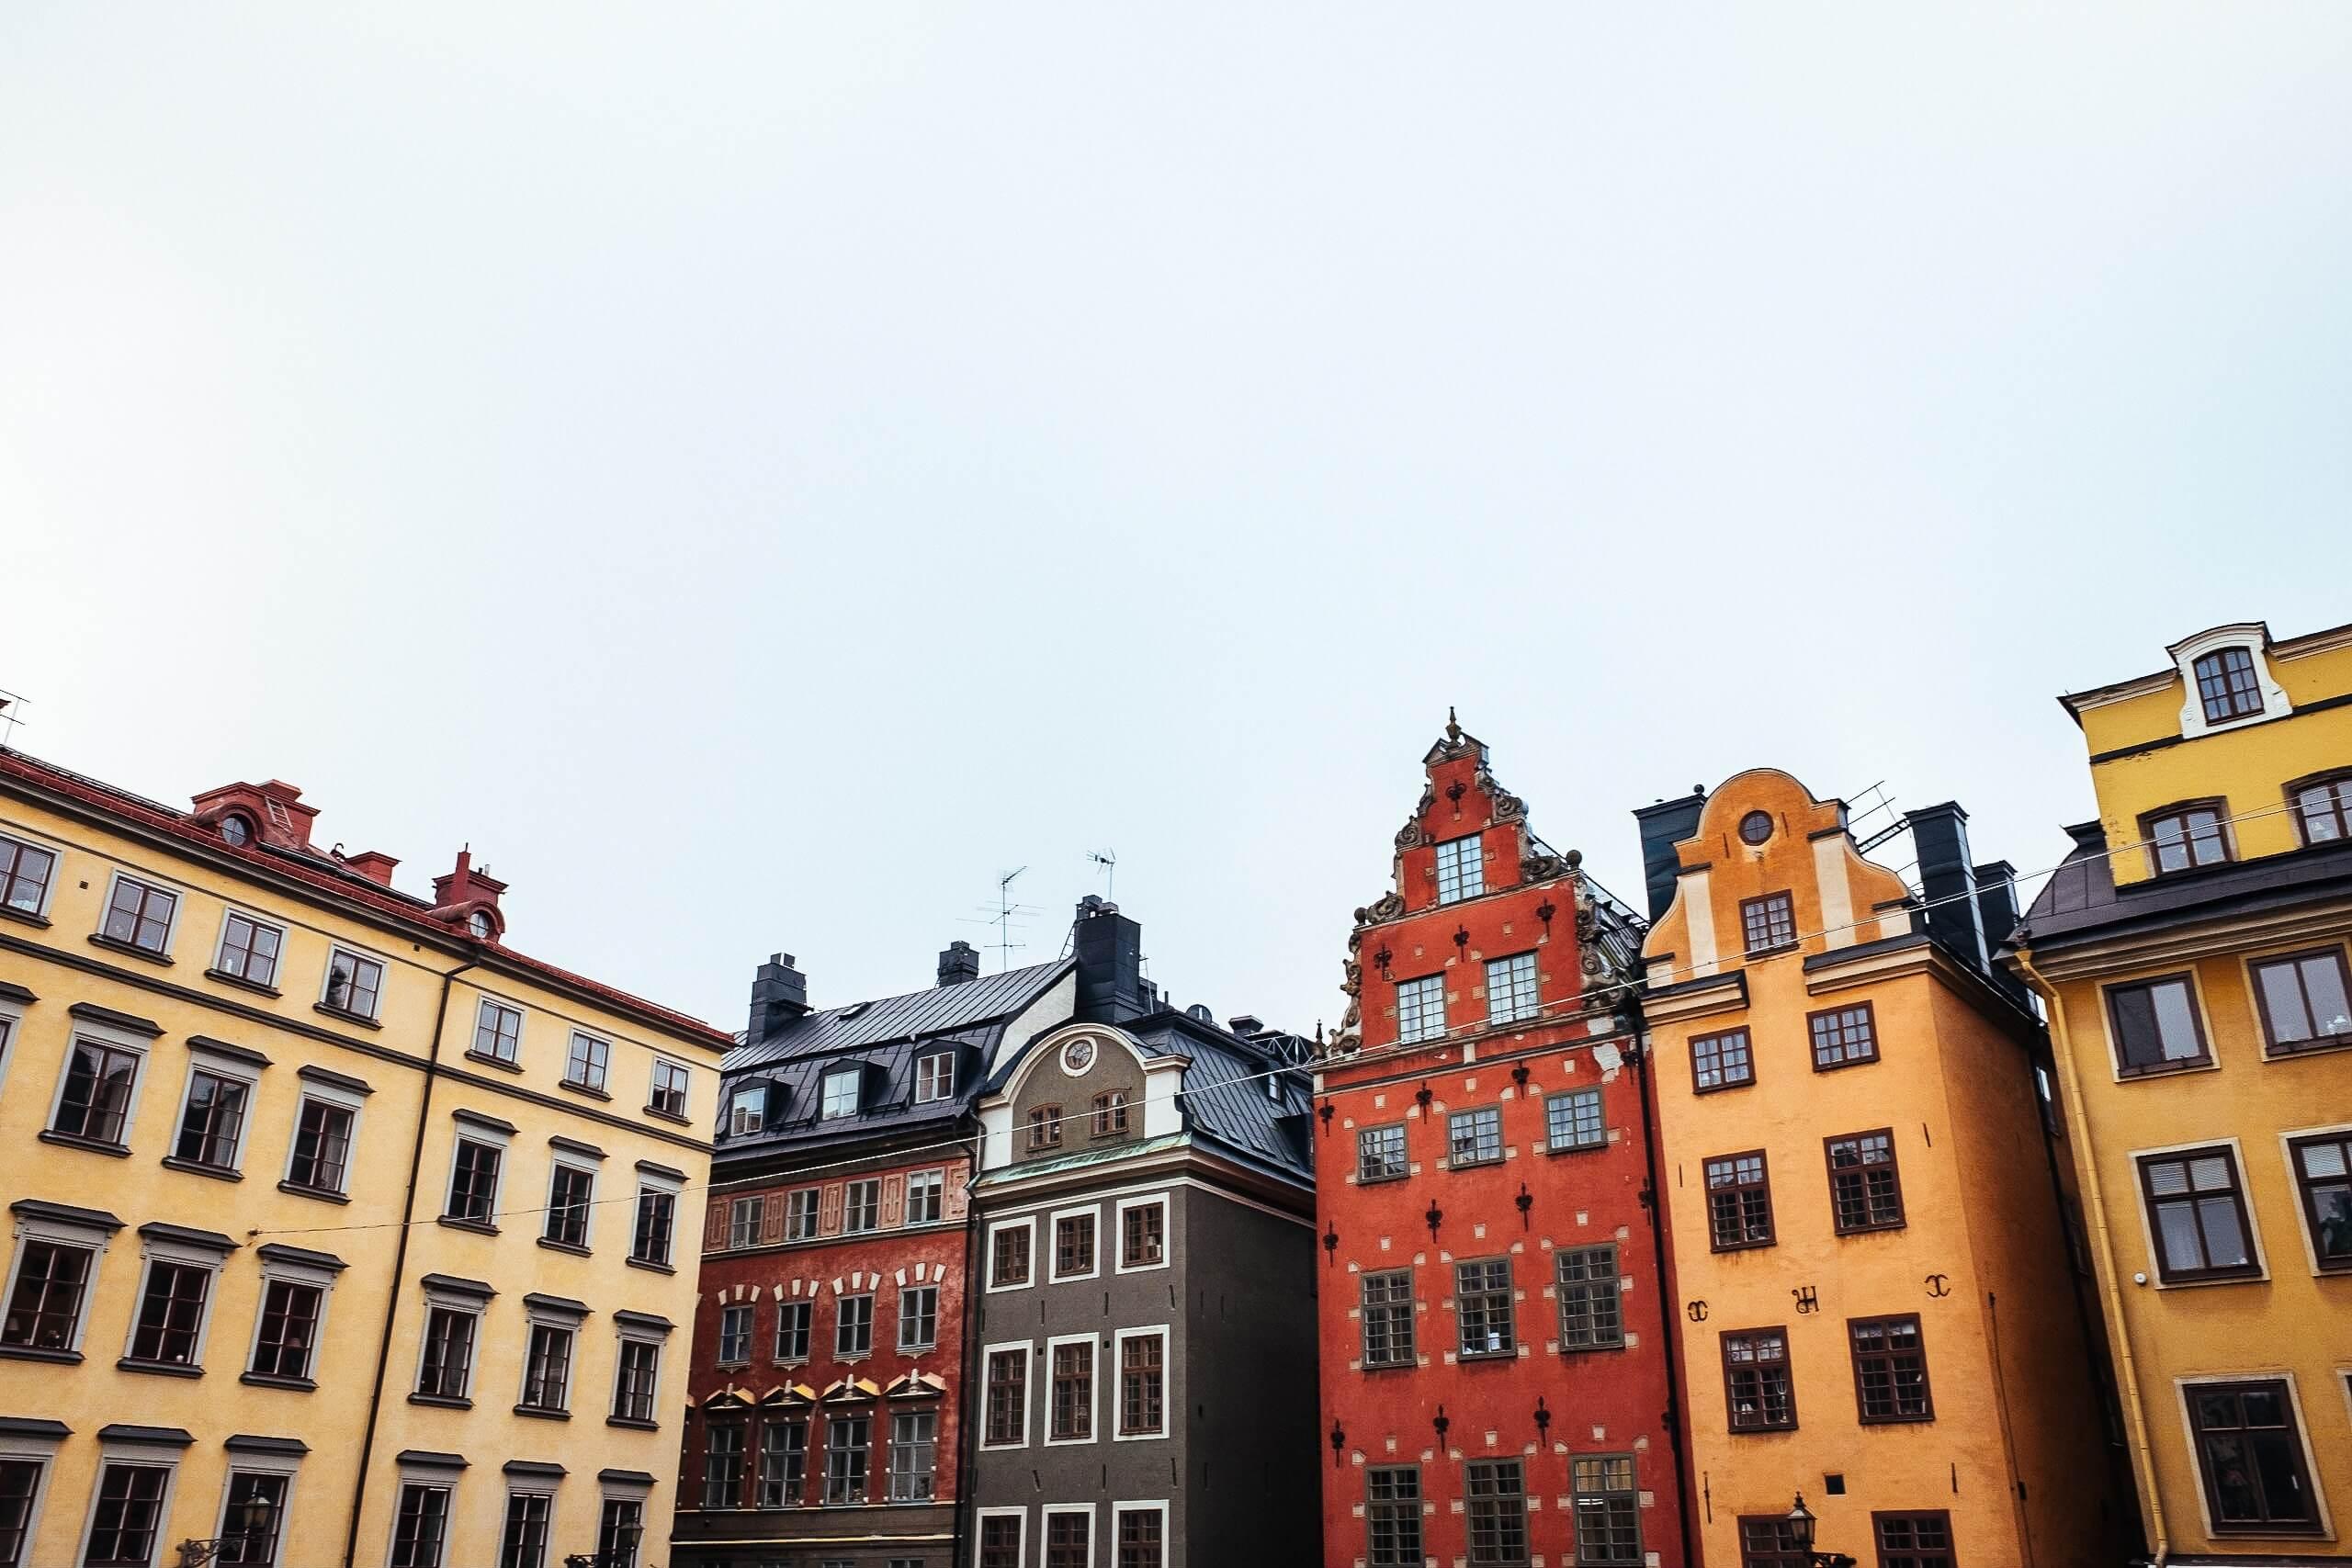 Рубль надо беречь: как сэкономить в Швеции